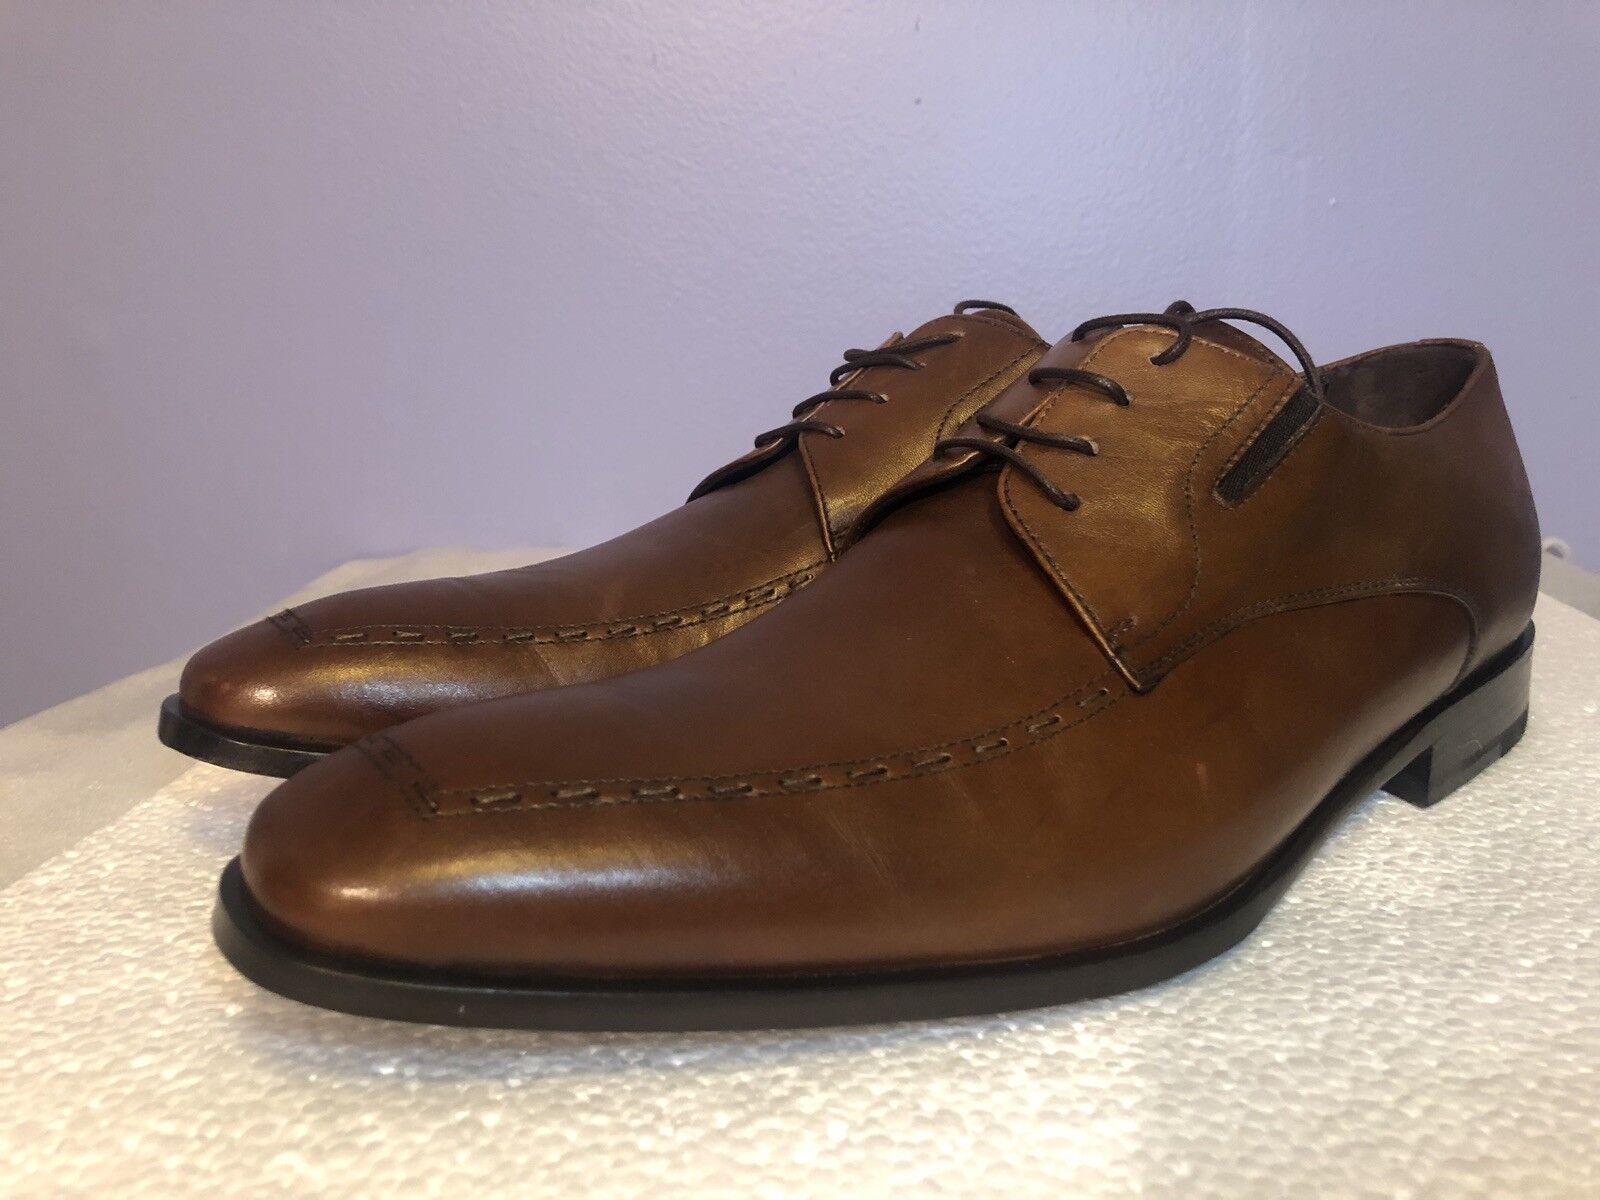 Bruno Magli  Riskor  Brown Men's Size 11.5 US Hand Made in  Whip Stitch